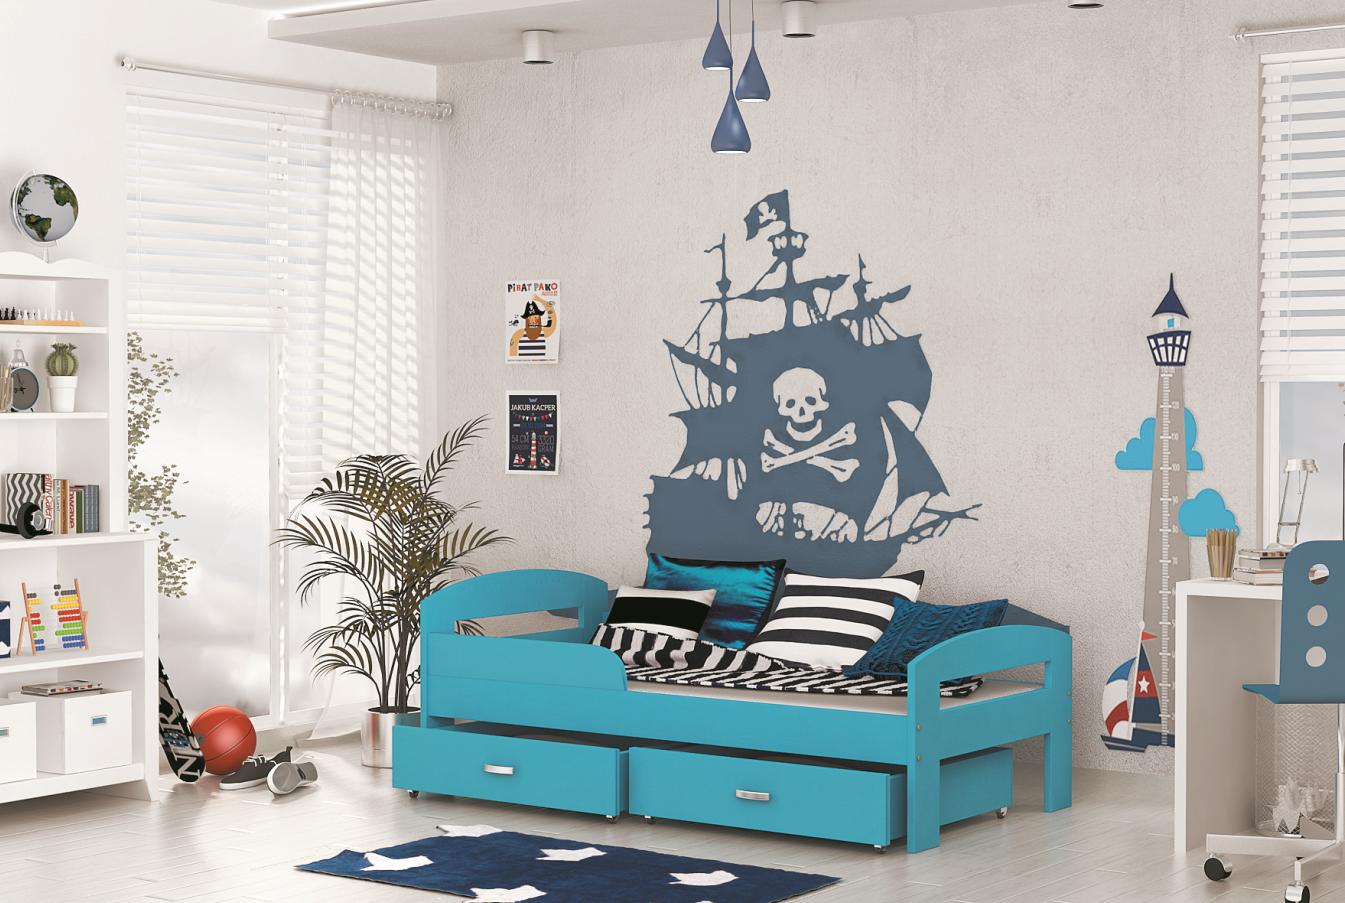 ArtAJ Detská posteľ GRZES 160x80 farebné prevedenie: Blankytná bez matraca